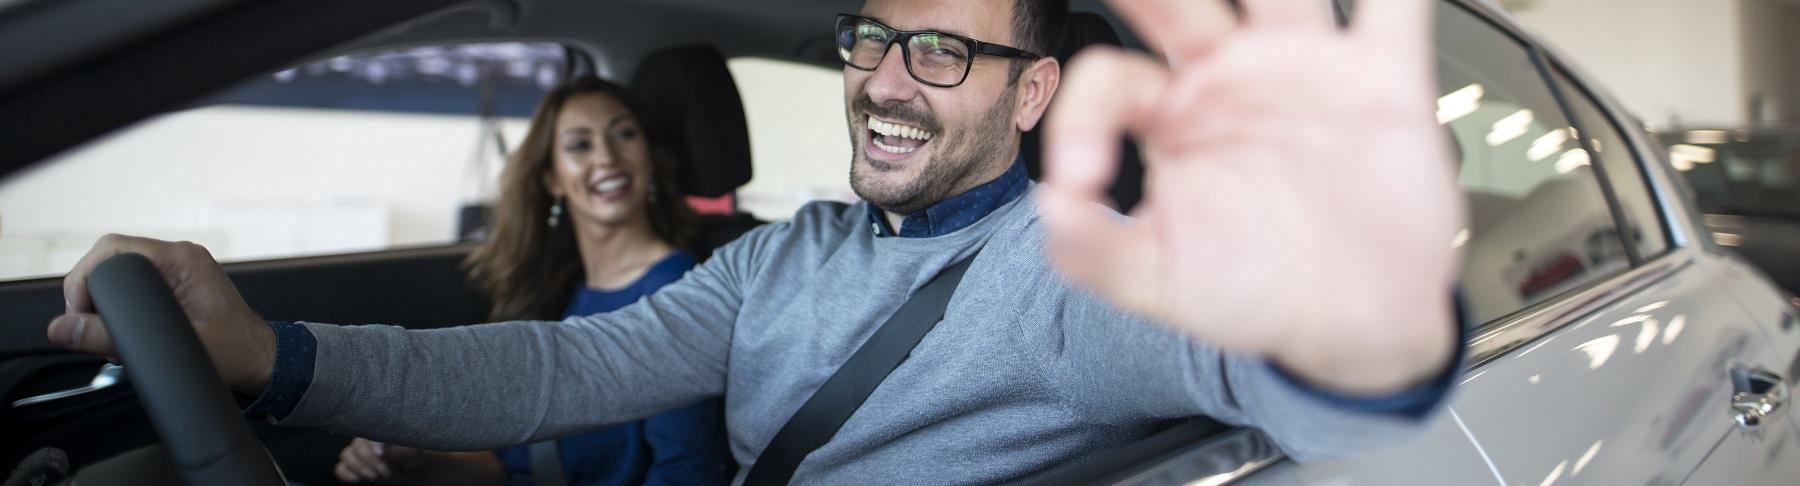 La Banque Postale assurance auto : souscrivez pour obtenir 2 mois gratuits